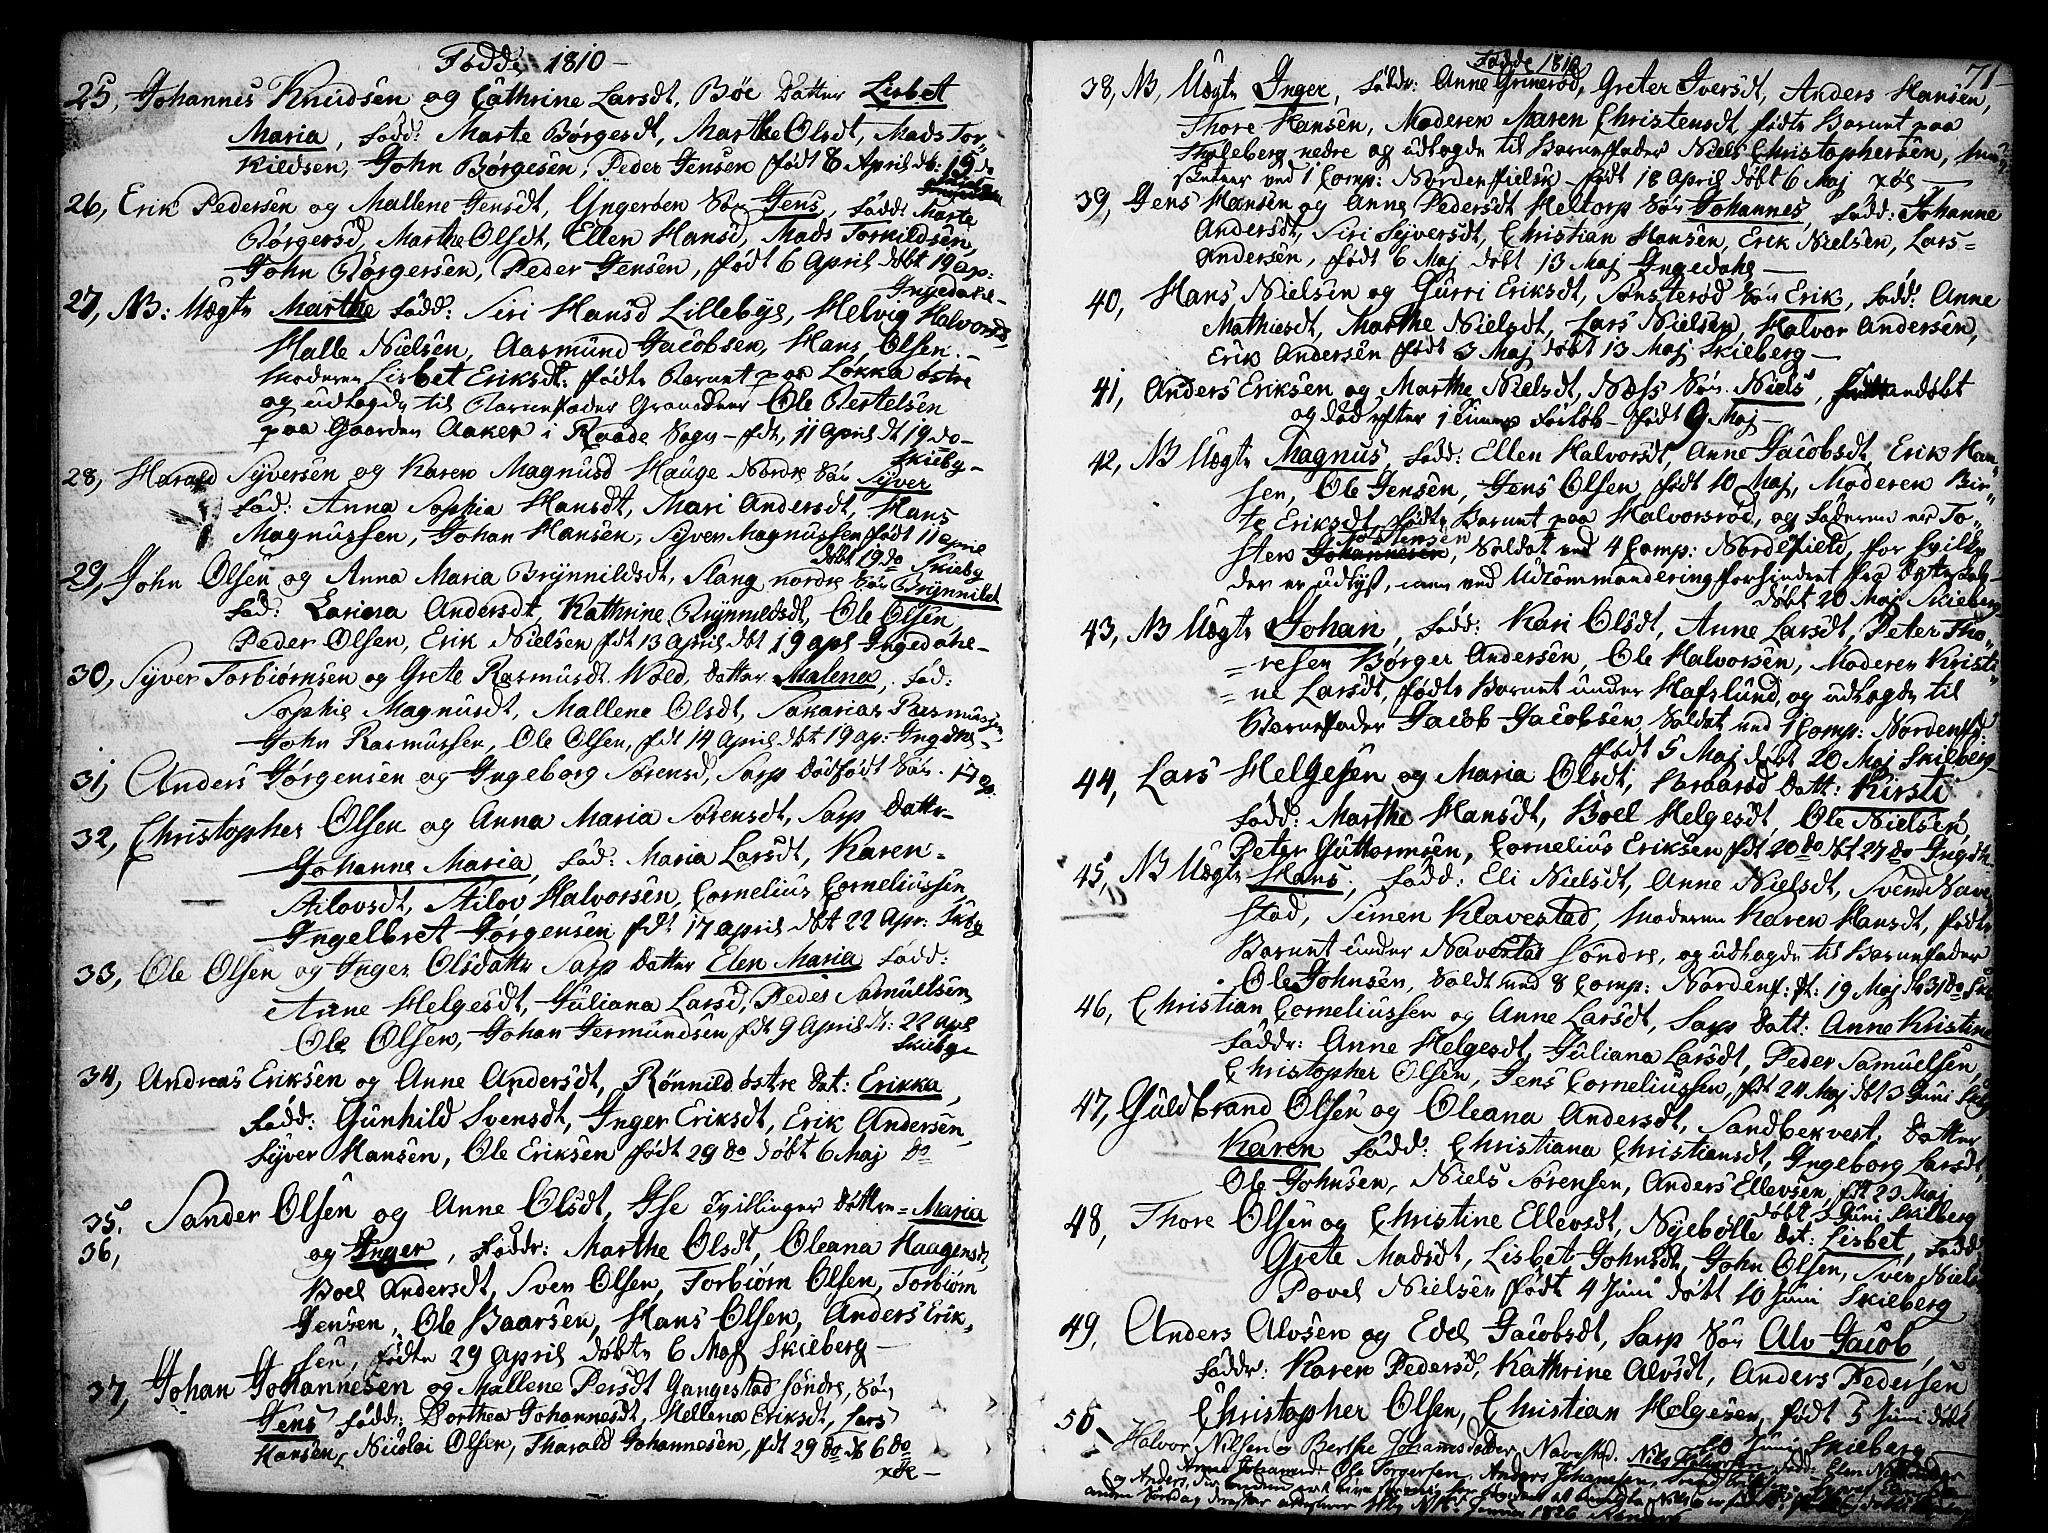 SAO, Skjeberg prestekontor Kirkebøker, F/Fa/L0003: Ministerialbok nr. I 3, 1792-1814, s. 71